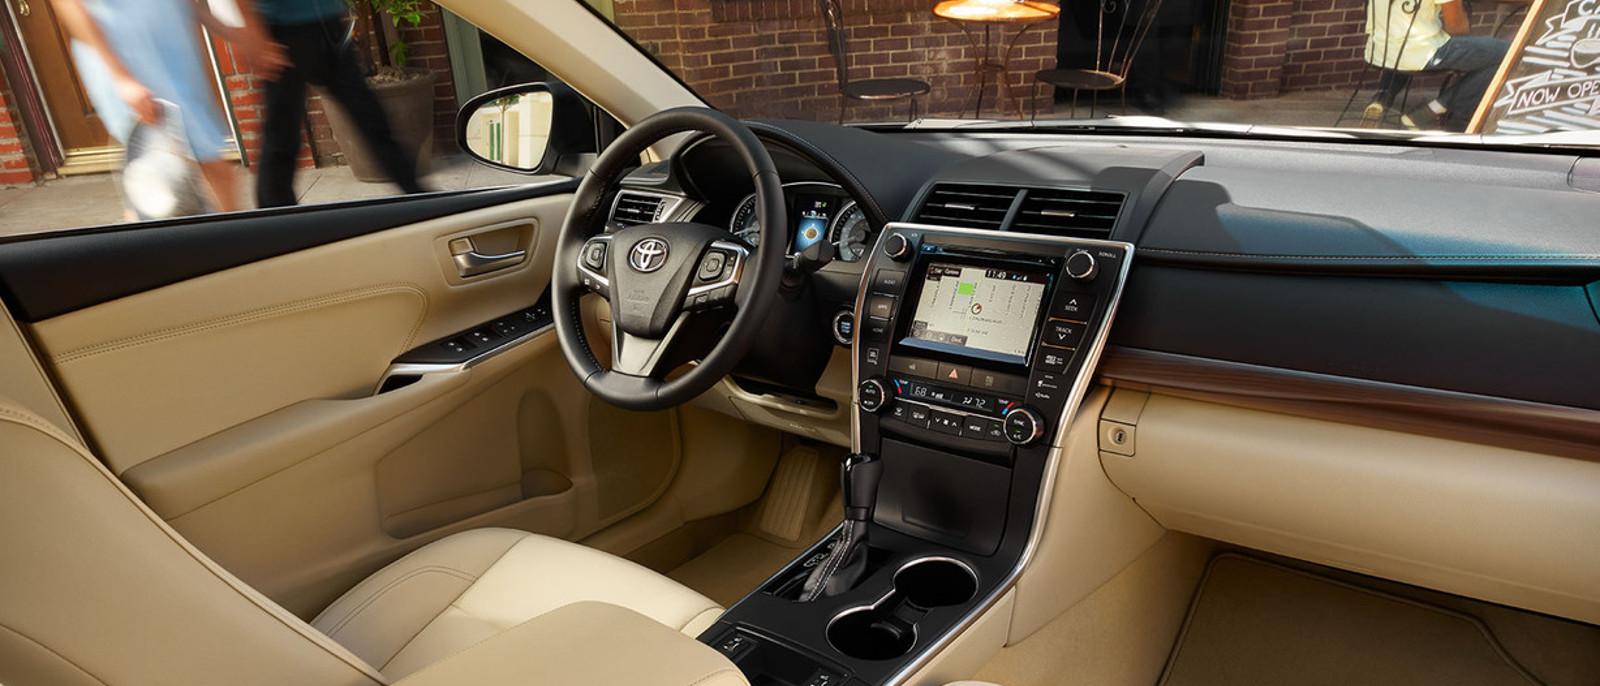 Rebate For Buying Hybrid Car